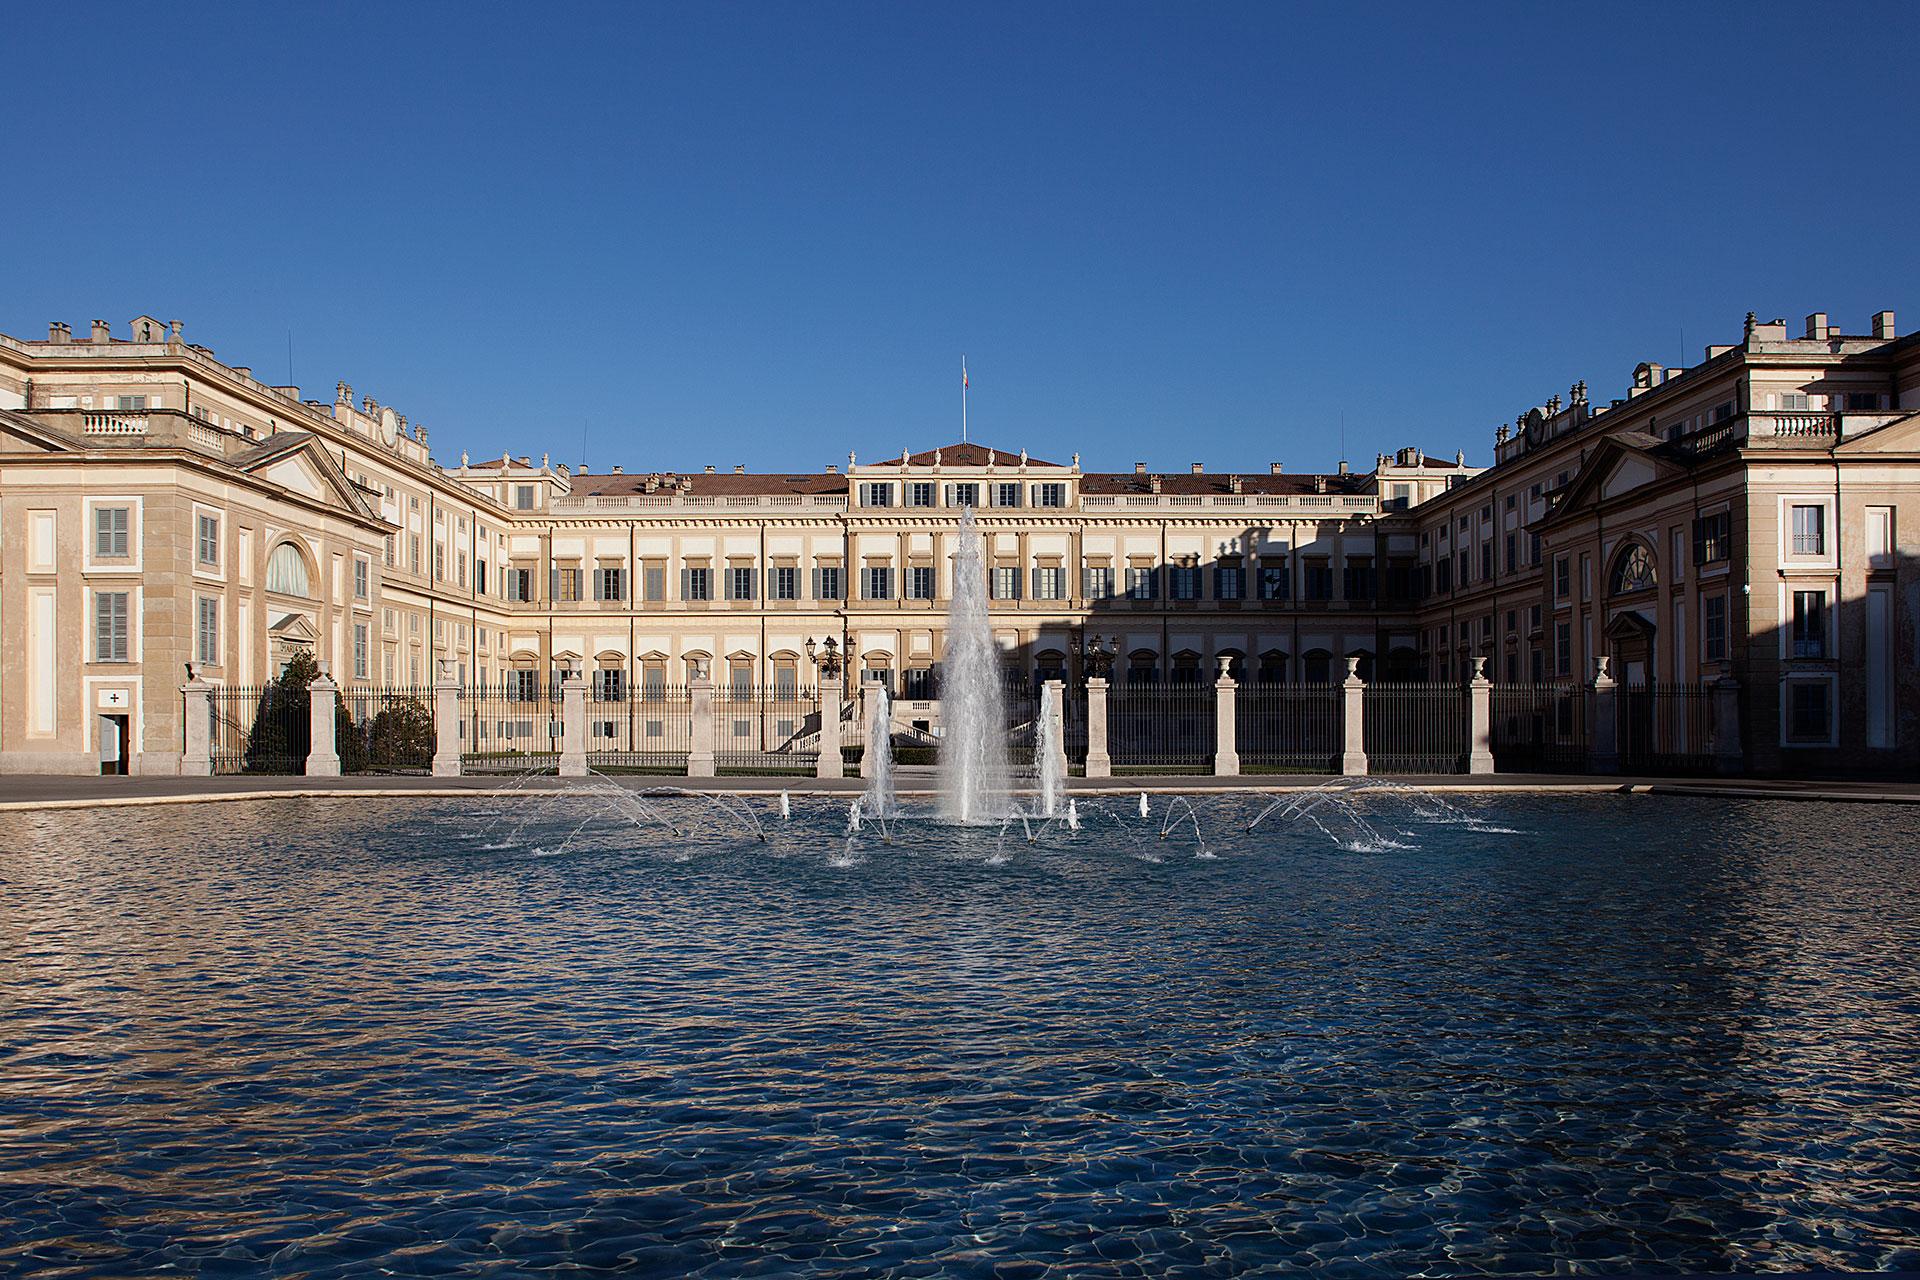 Villa Reale Monza Restauro by SCE Project